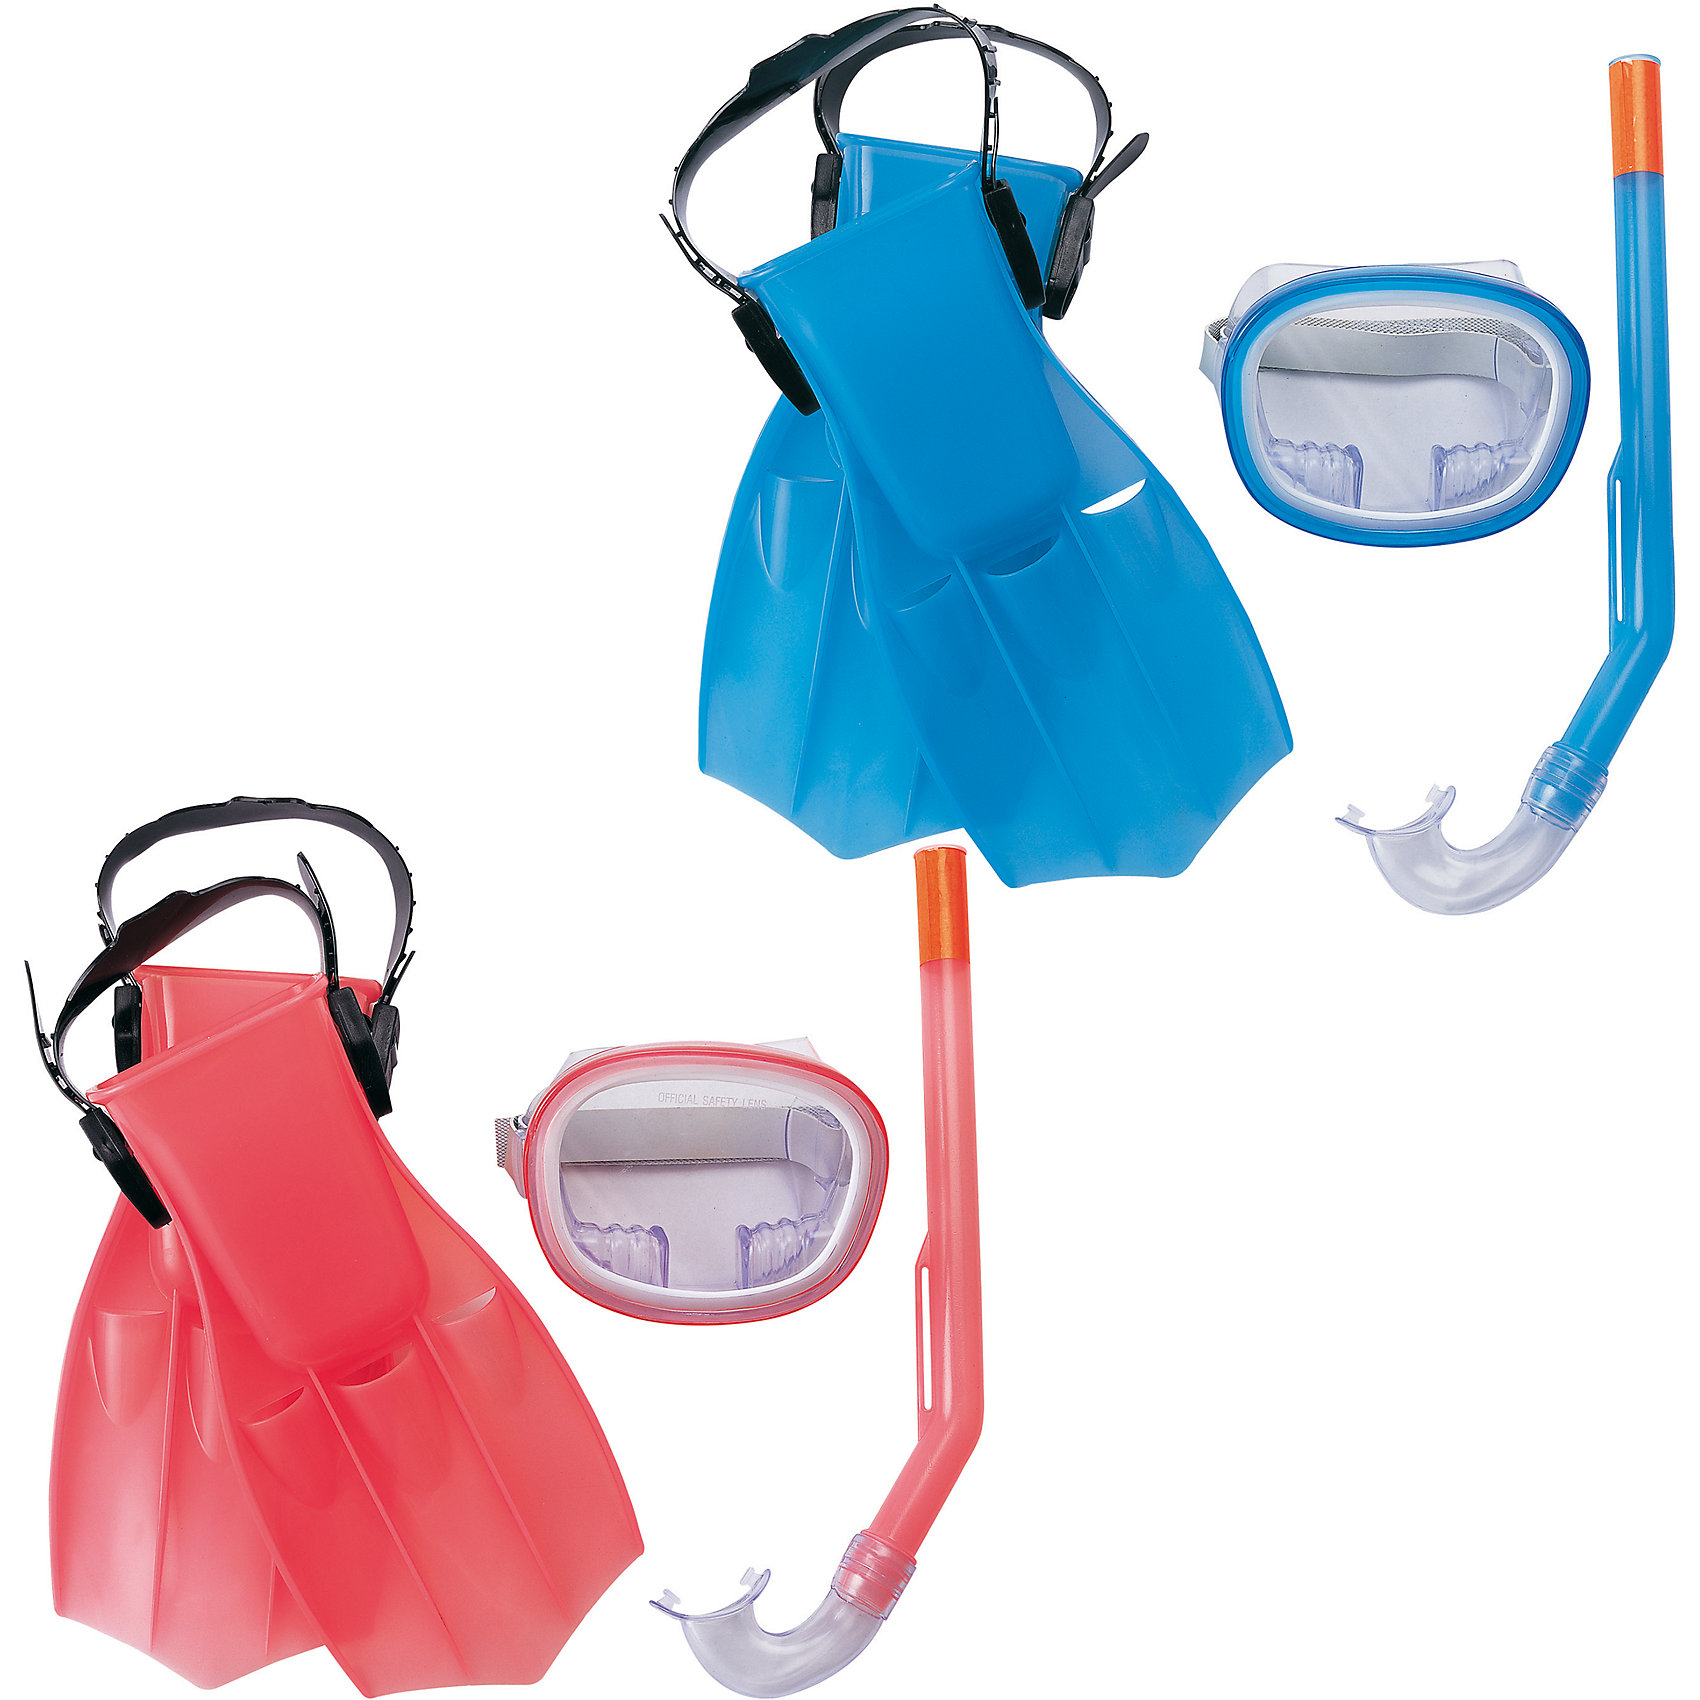 Набор для ныряния Play Pro детский, Bestway, в ассортиментеОчки, маски, ласты, шапочки<br>Характеристики товара:<br><br>• материал: пластик<br>• комплектация: маска, трубка, ласты<br>• размер упаковки: 45x22x10 см<br>• прочный материал стекла<br>• мягкий загубник на трубке<br>• удобный уплотнитель<br>• плотное прилегание<br>• возможность регулировки размера<br>• возраст: от 3 до 6 лет<br>• страна бренда: США, Китай<br>• страна производства: Китай<br>• Внимание! Товар в ассортименте, нет возможности выбрать товар конкретной расцветки. При заказе нескольких штук возможно получение одинаковых.<br><br>Такой набор позволяет не только участвовать в активных играх, он поможет ребенку познакомиться с интересным подводным миром, расширить его кругозор и привить интерес к знаниям.<br><br>Предметы сделаны из прочного материала, маска плотно прилегает к лицу и не пропускает воду, трубка - с удобным мягким загубником,. Размер легко регулируется под ребенка. Изделия произведены из качественных и безопасных для детей материалов.<br><br>Набор для ныряния Play Pro детский, в ассортименте, от бренда Bestway (Бествей) можно купить в нашем интернет-магазине.<br><br>Ширина мм: 225<br>Глубина мм: 435<br>Высота мм: 100<br>Вес г: 540<br>Возраст от месяцев: 36<br>Возраст до месяцев: 120<br>Пол: Унисекс<br>Возраст: Детский<br>SKU: 4632849